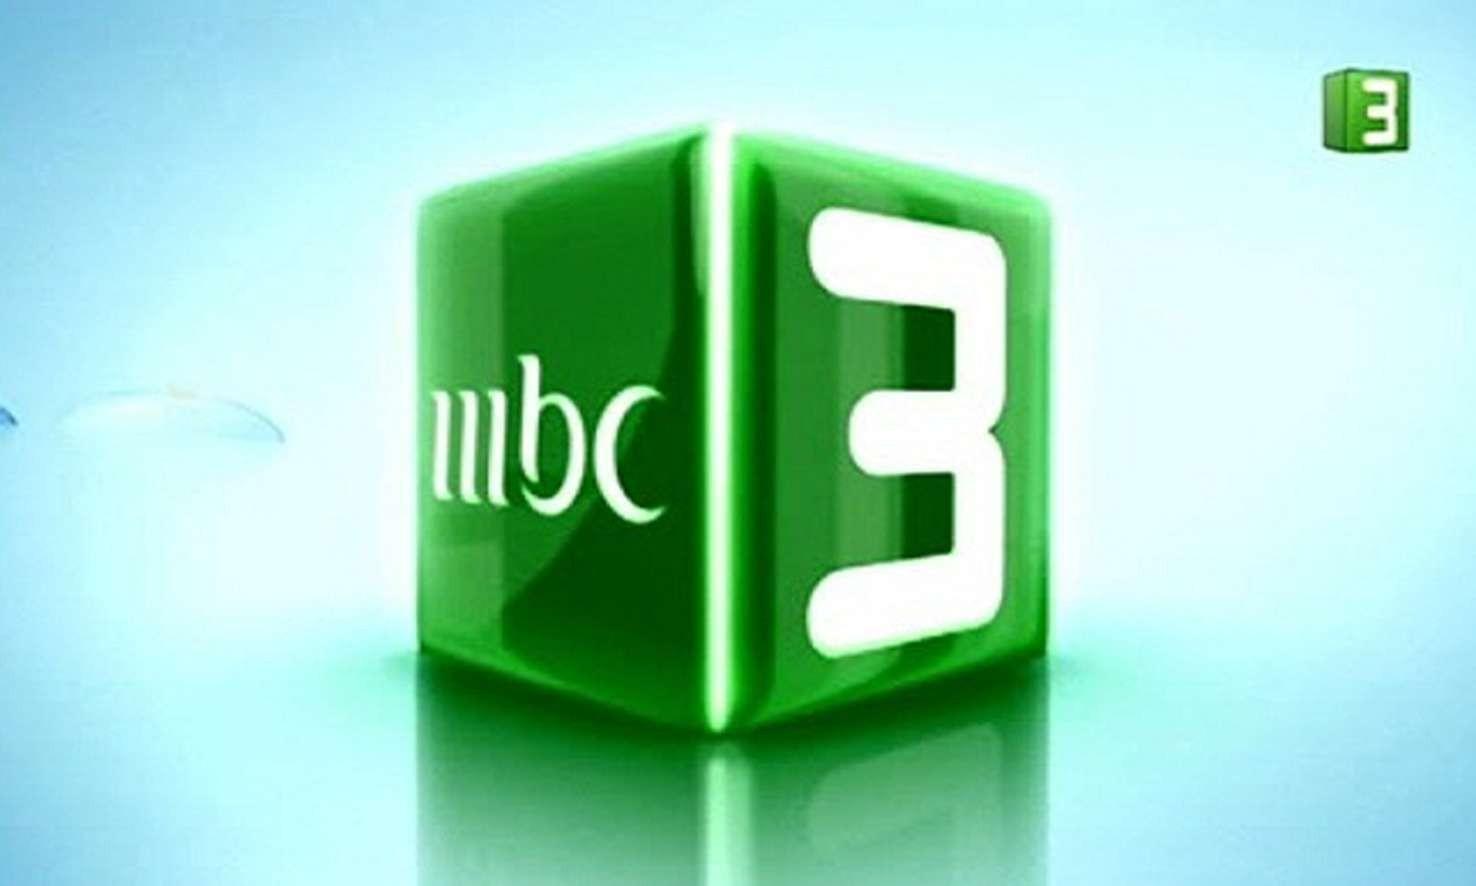 تردد قناة إم بي سي mbc 3 الجديد لعام 2020 ..شاهد أفضل المسلسلات ...